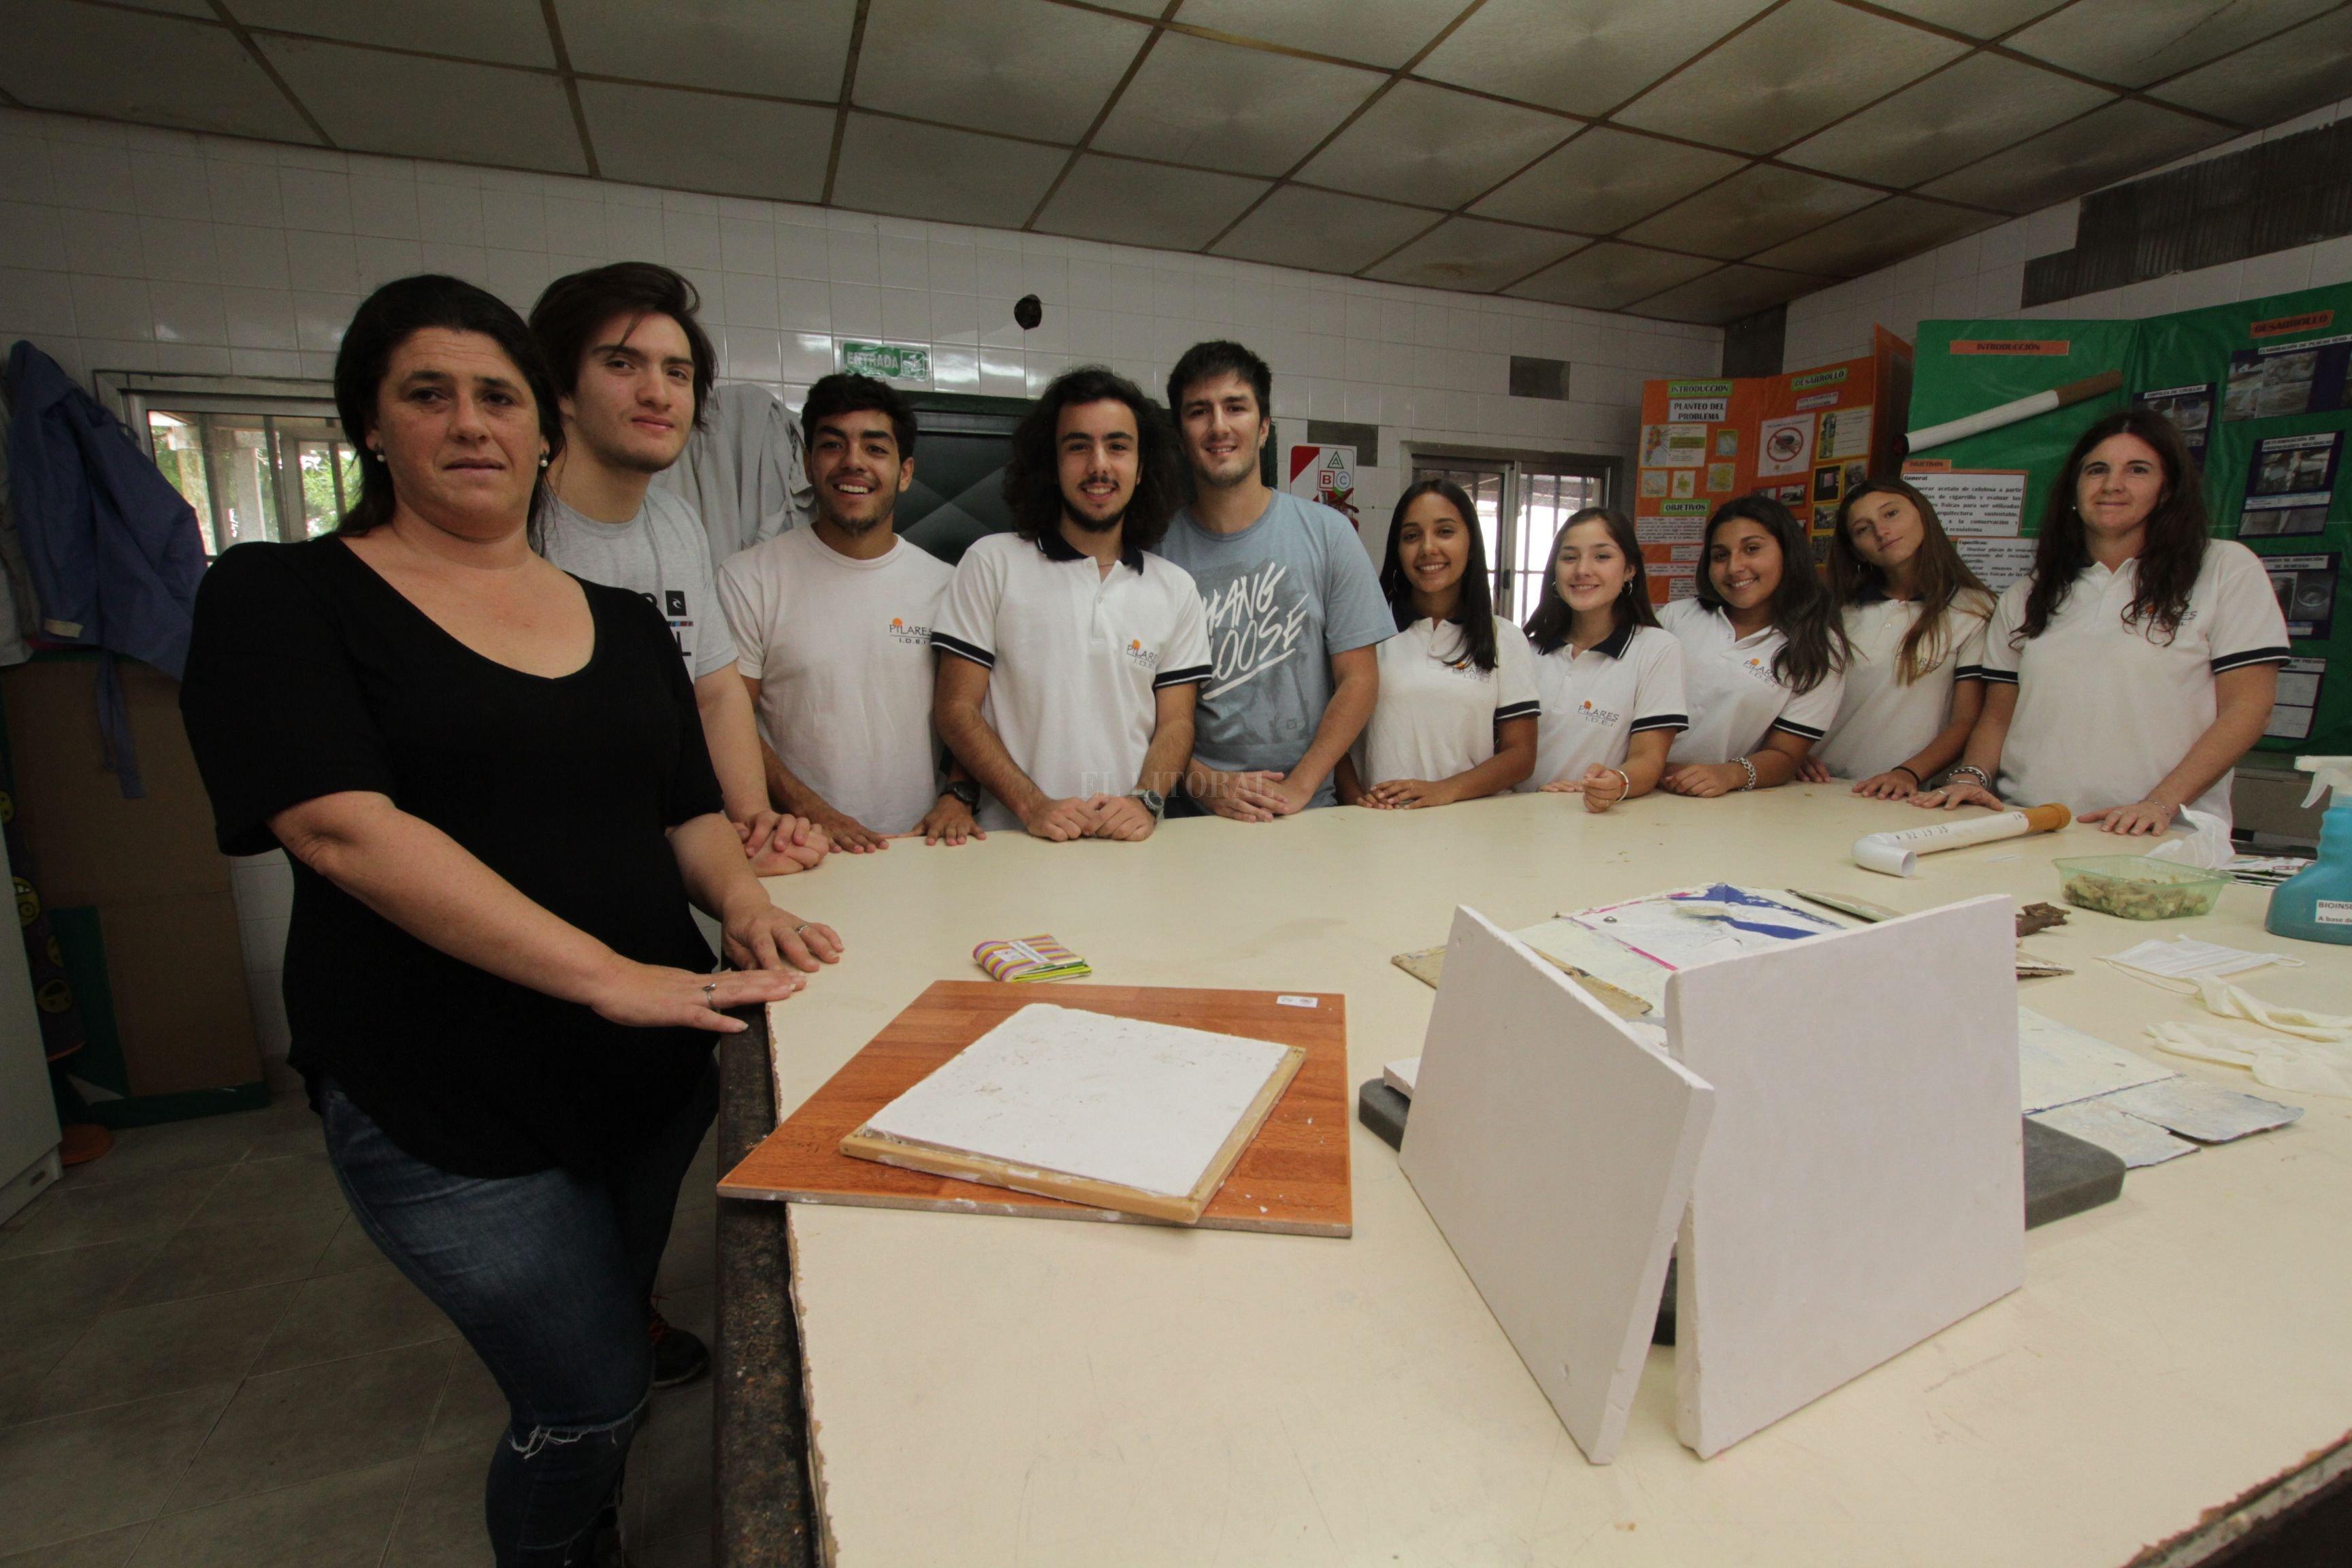 Integrantes del equipo de trabajo Crédito: Mauricio Garín